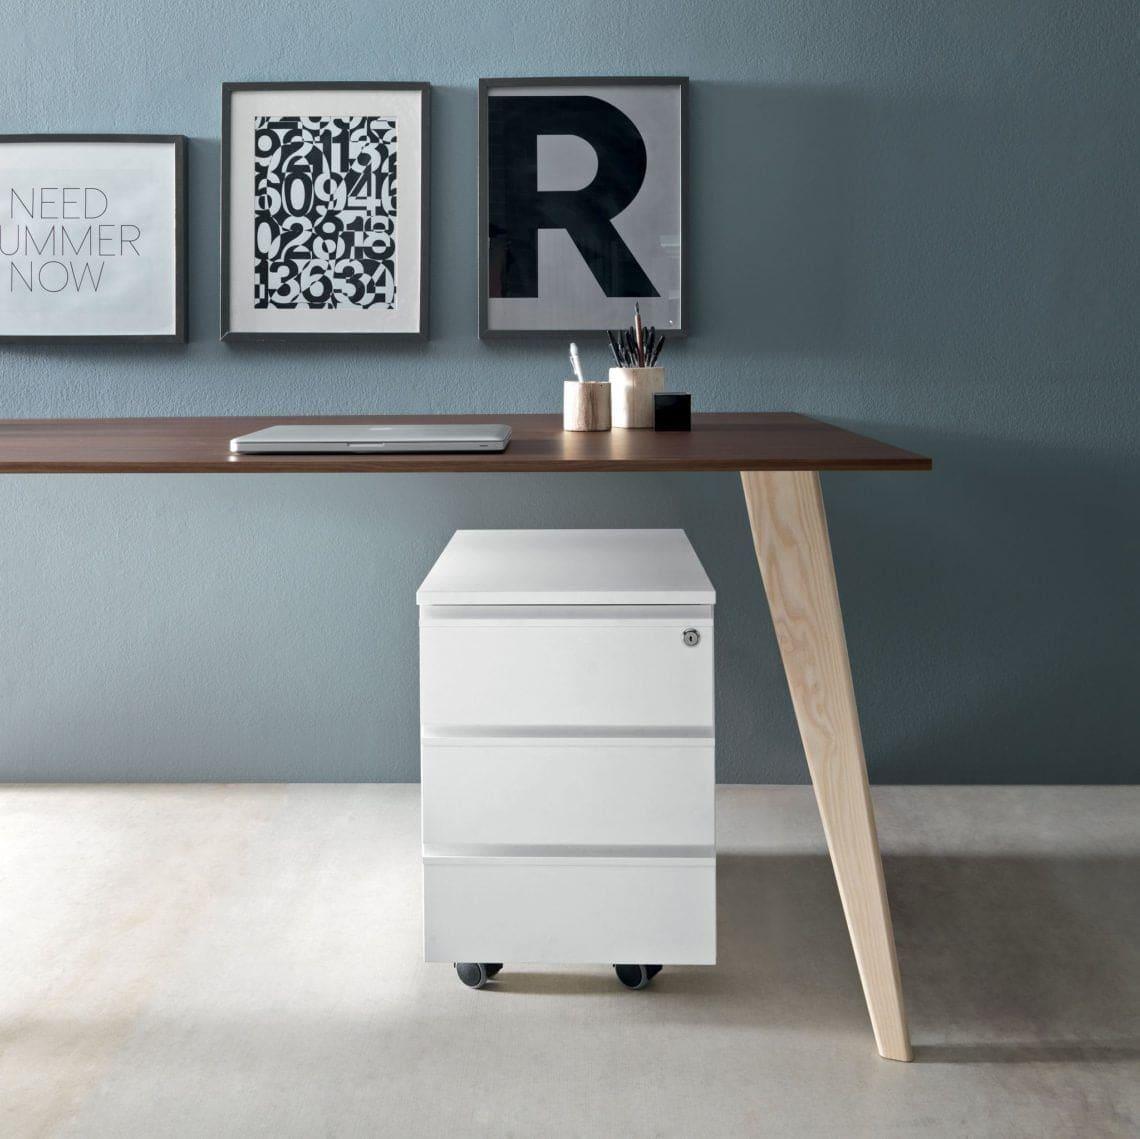 Cassettiere e mobili di servizio per ufficio - Martex S.p.A.